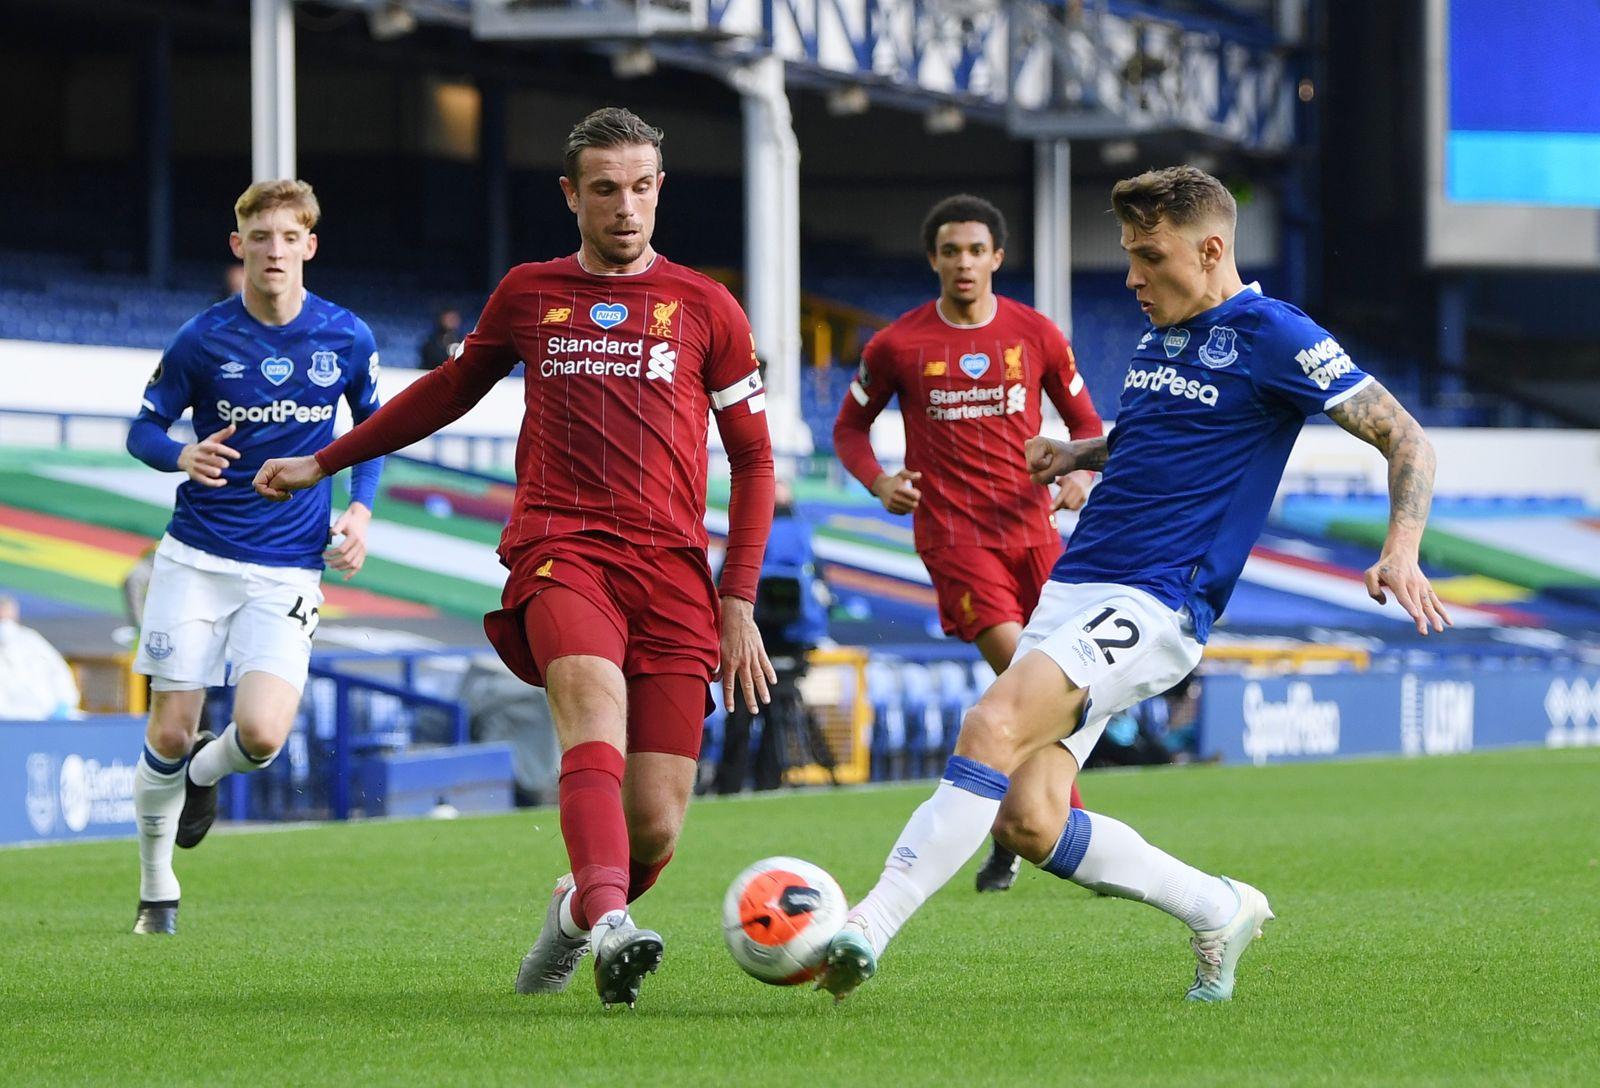 Premier League - Everton v Liverpool